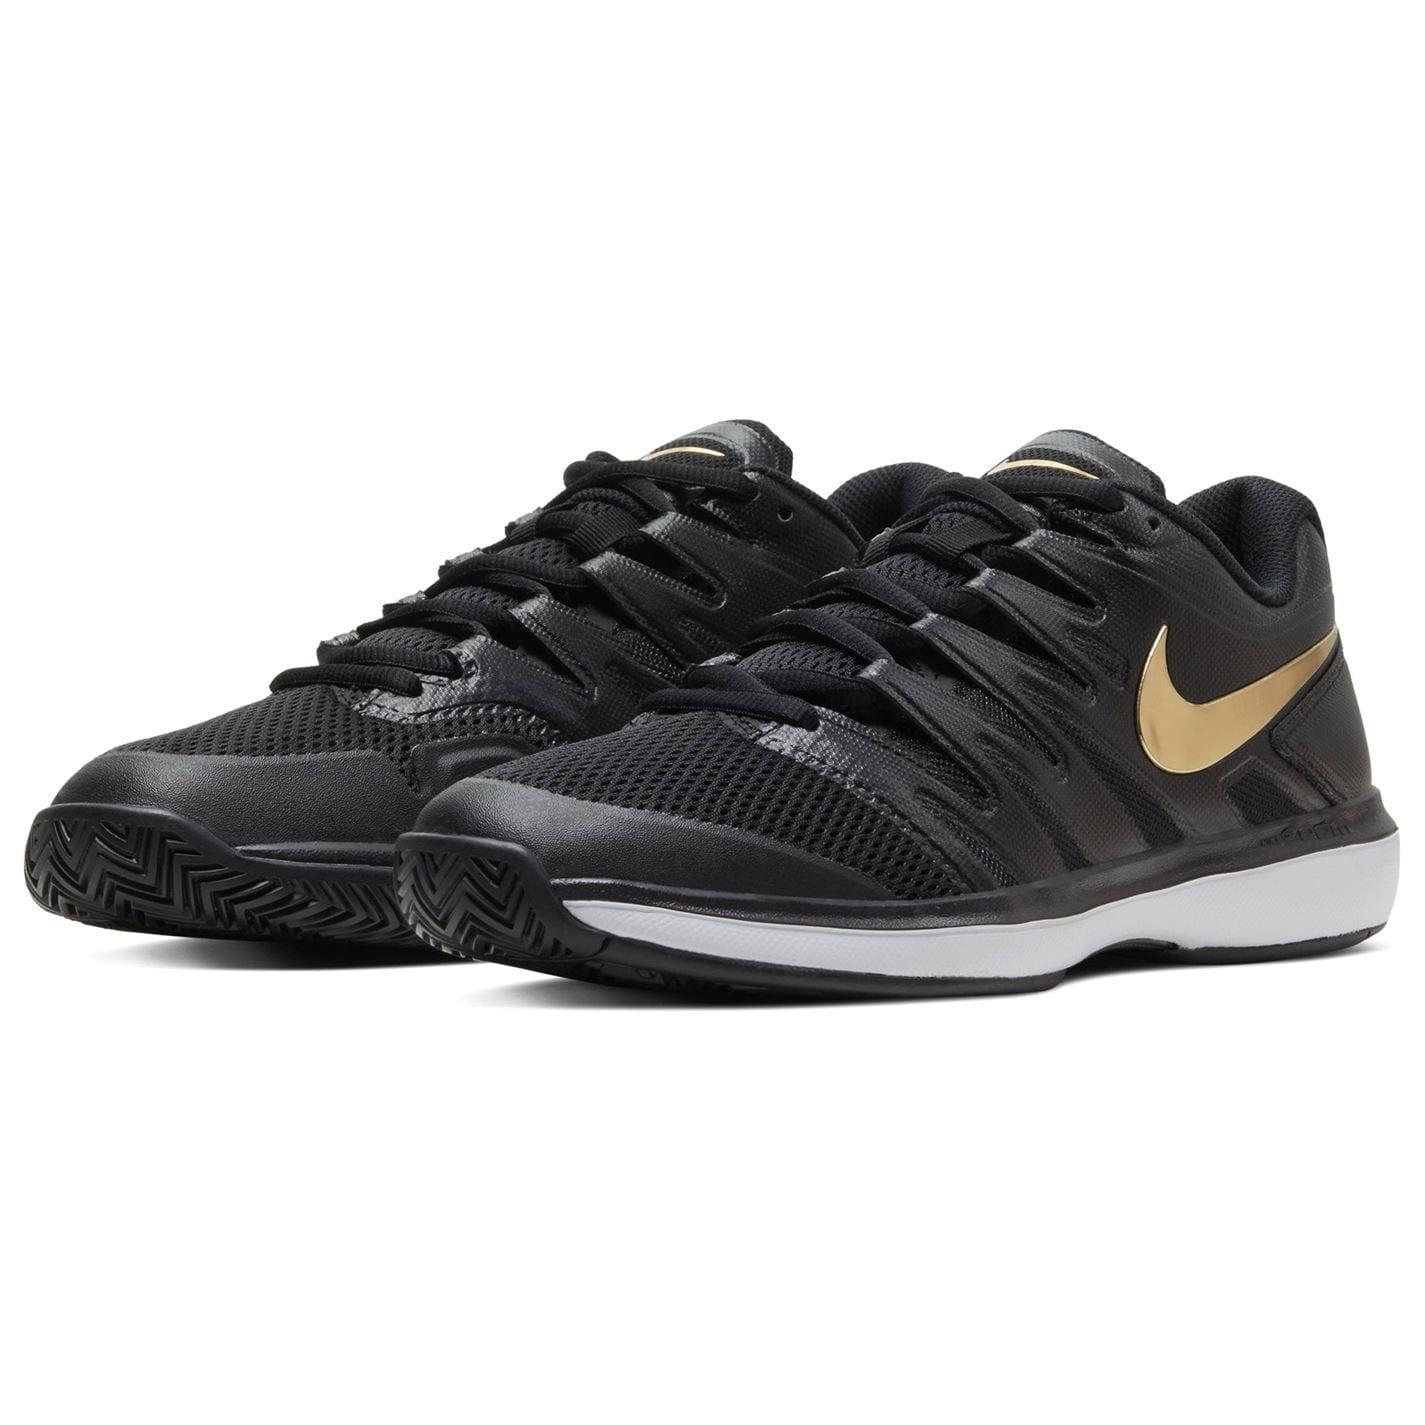 Nike Air Zoom Prestige Tennis Trainers